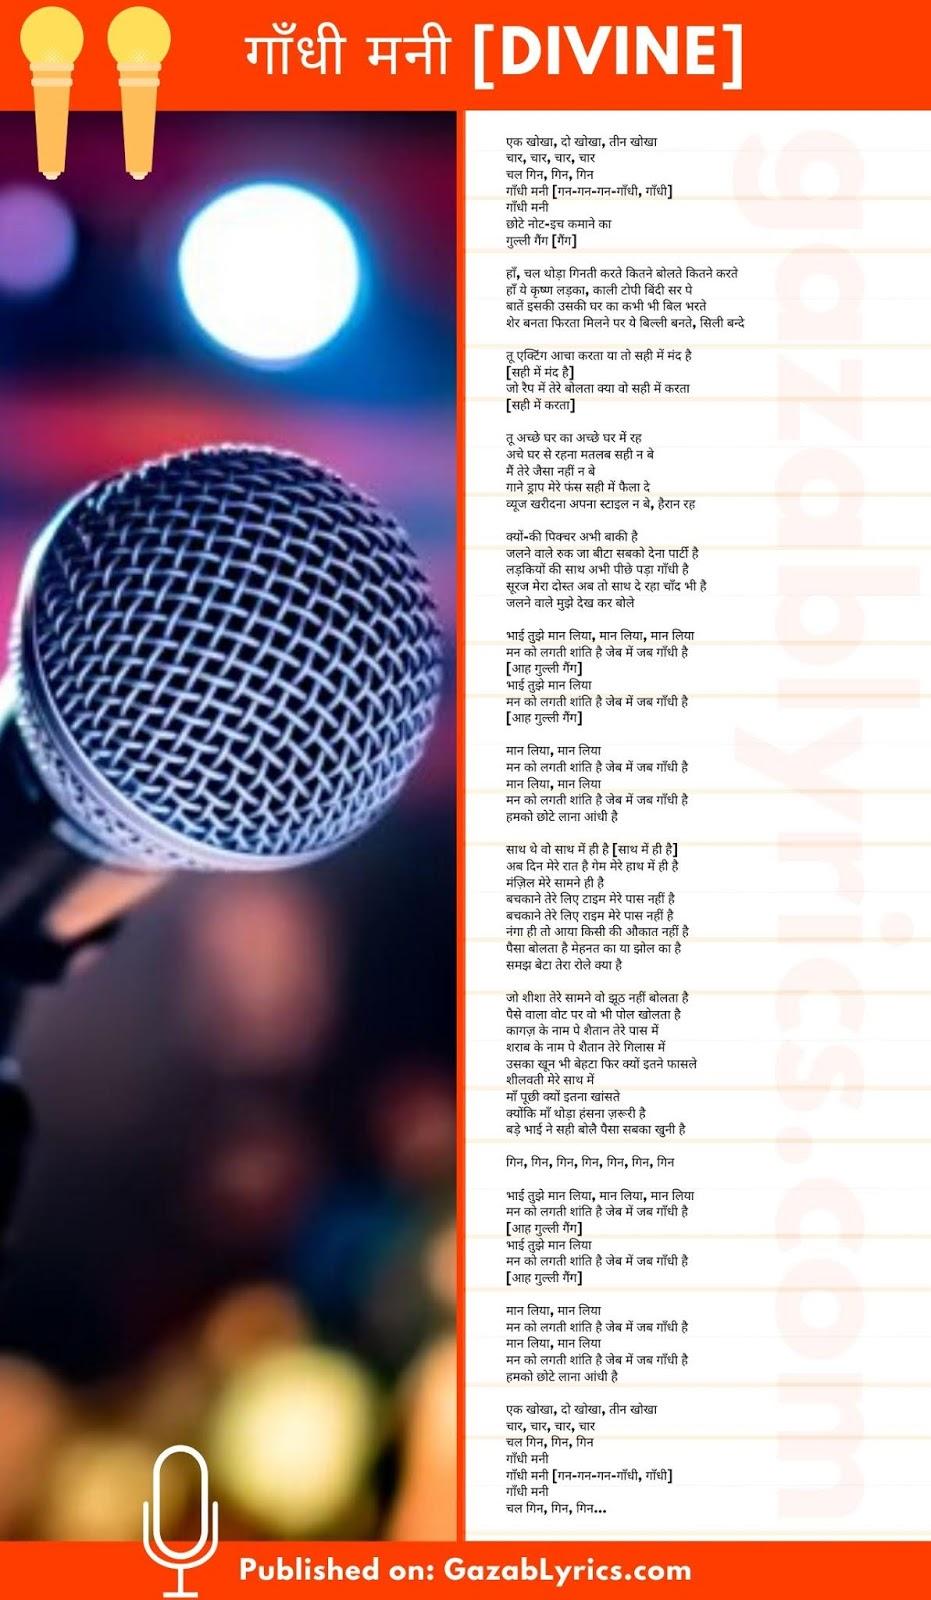 Gandhi Money song lyrics image